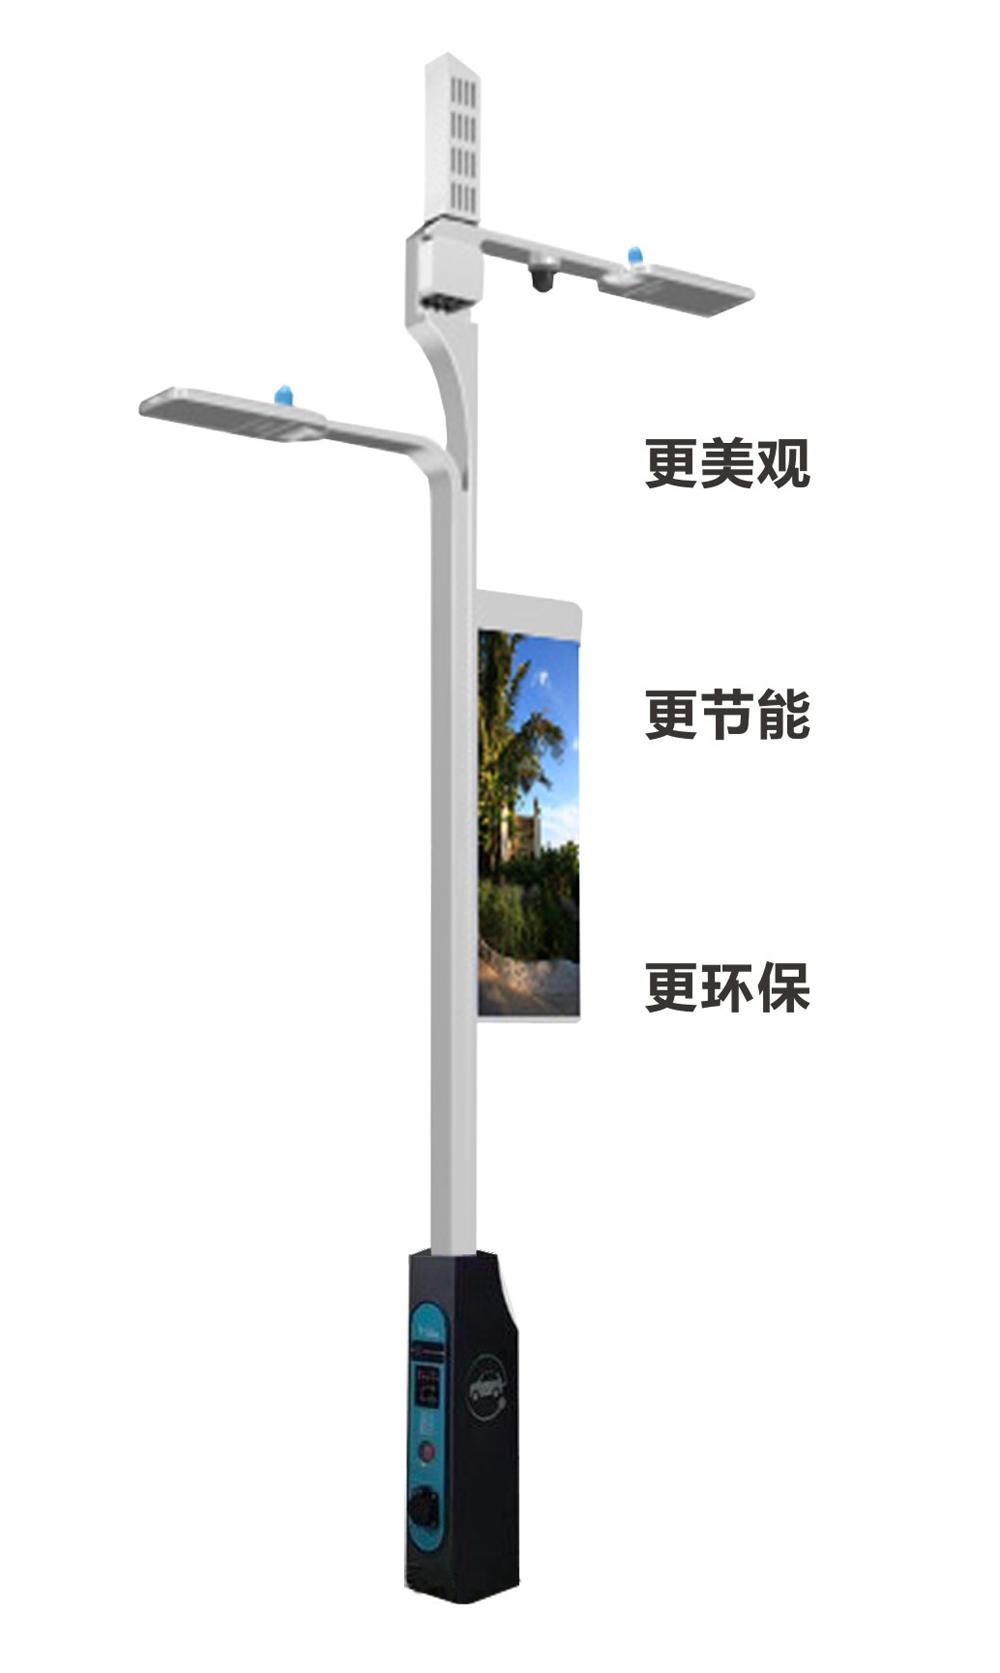 智慧城市LED灯杆屏系统解决方案